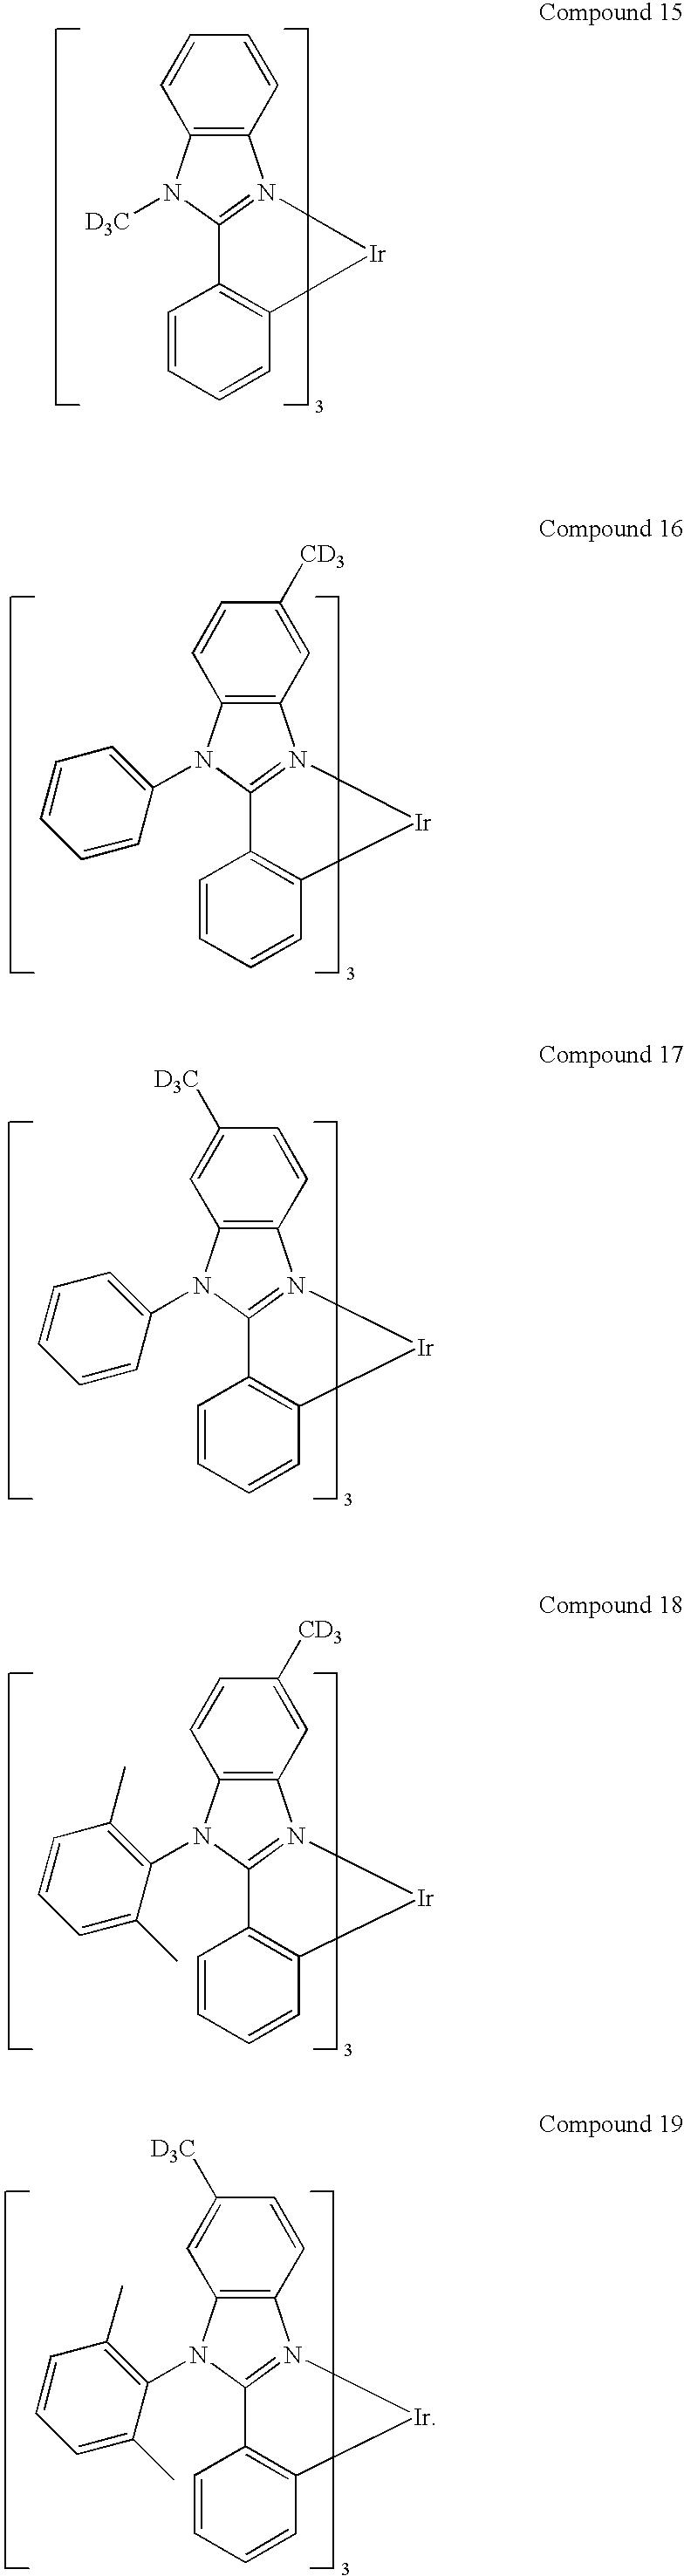 Figure US20100270916A1-20101028-C00198